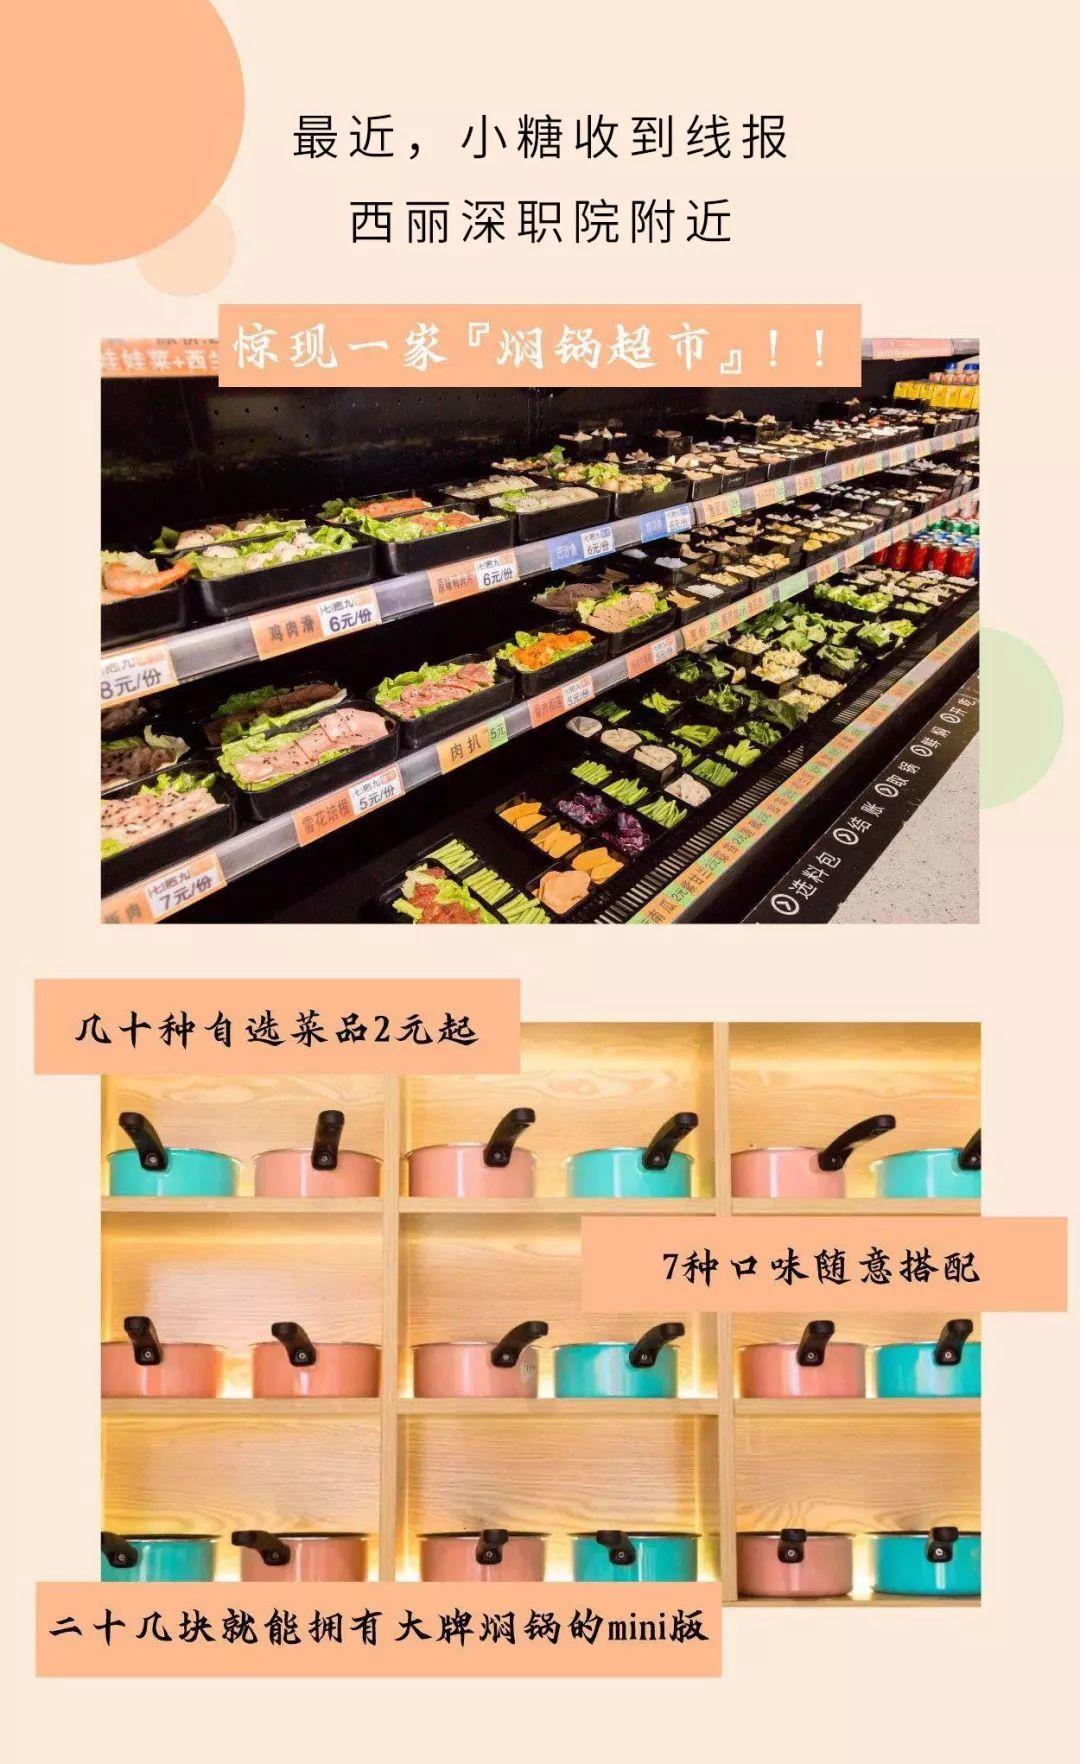 深职院的 『焖锅超市』,学生党的天堂!